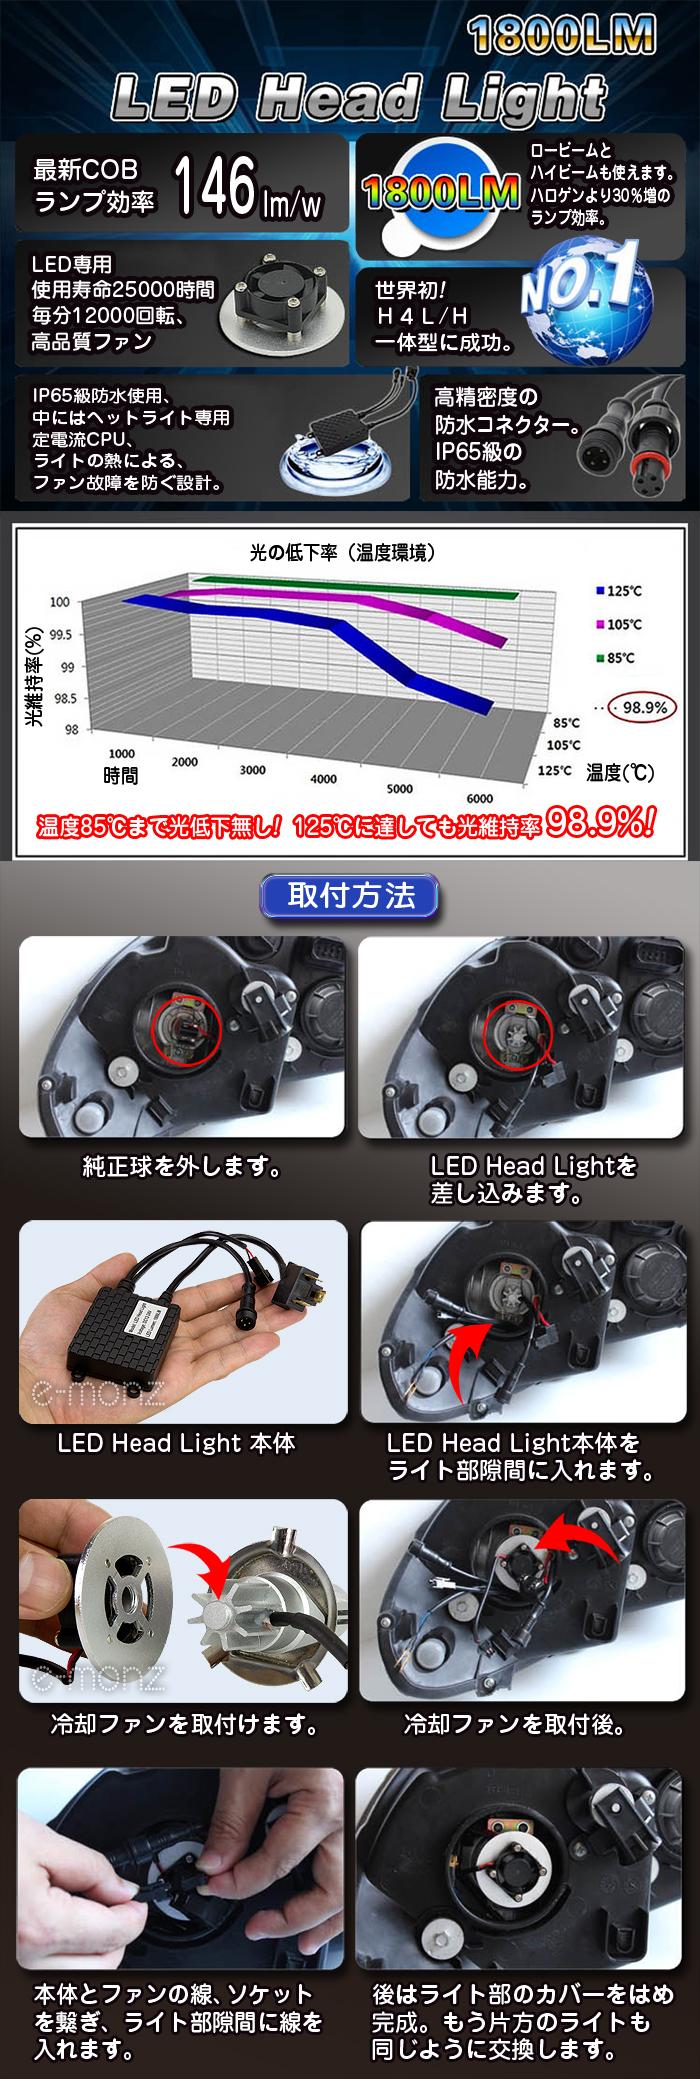 LEDヘッドライト用バルブ H9タイプ 取り付け方法